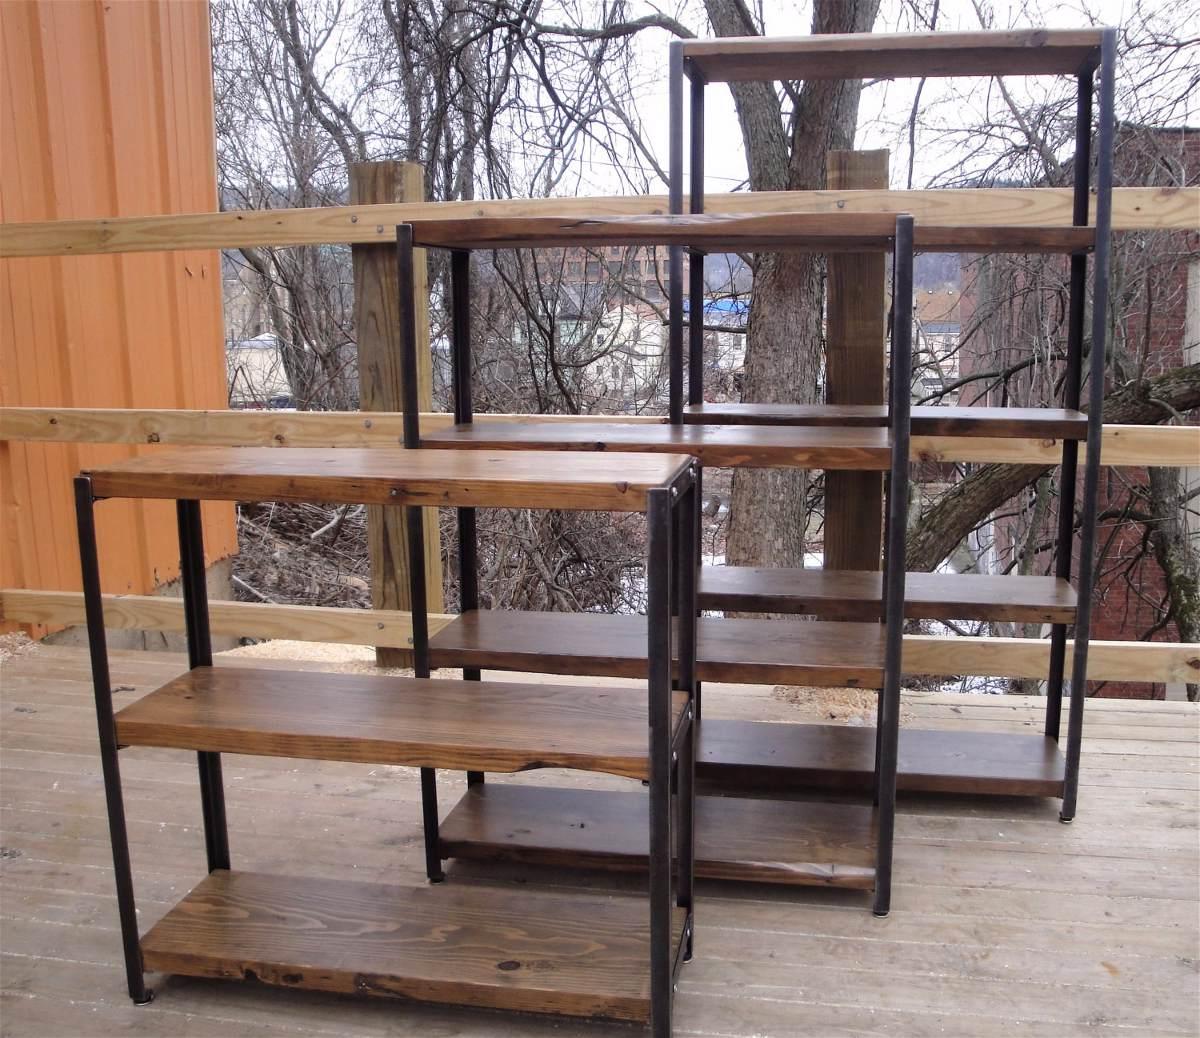 Muebles Tipo Industrial 8ydm Biblioteca Estilo Industrial Hierro Madera Estanteria Mueble